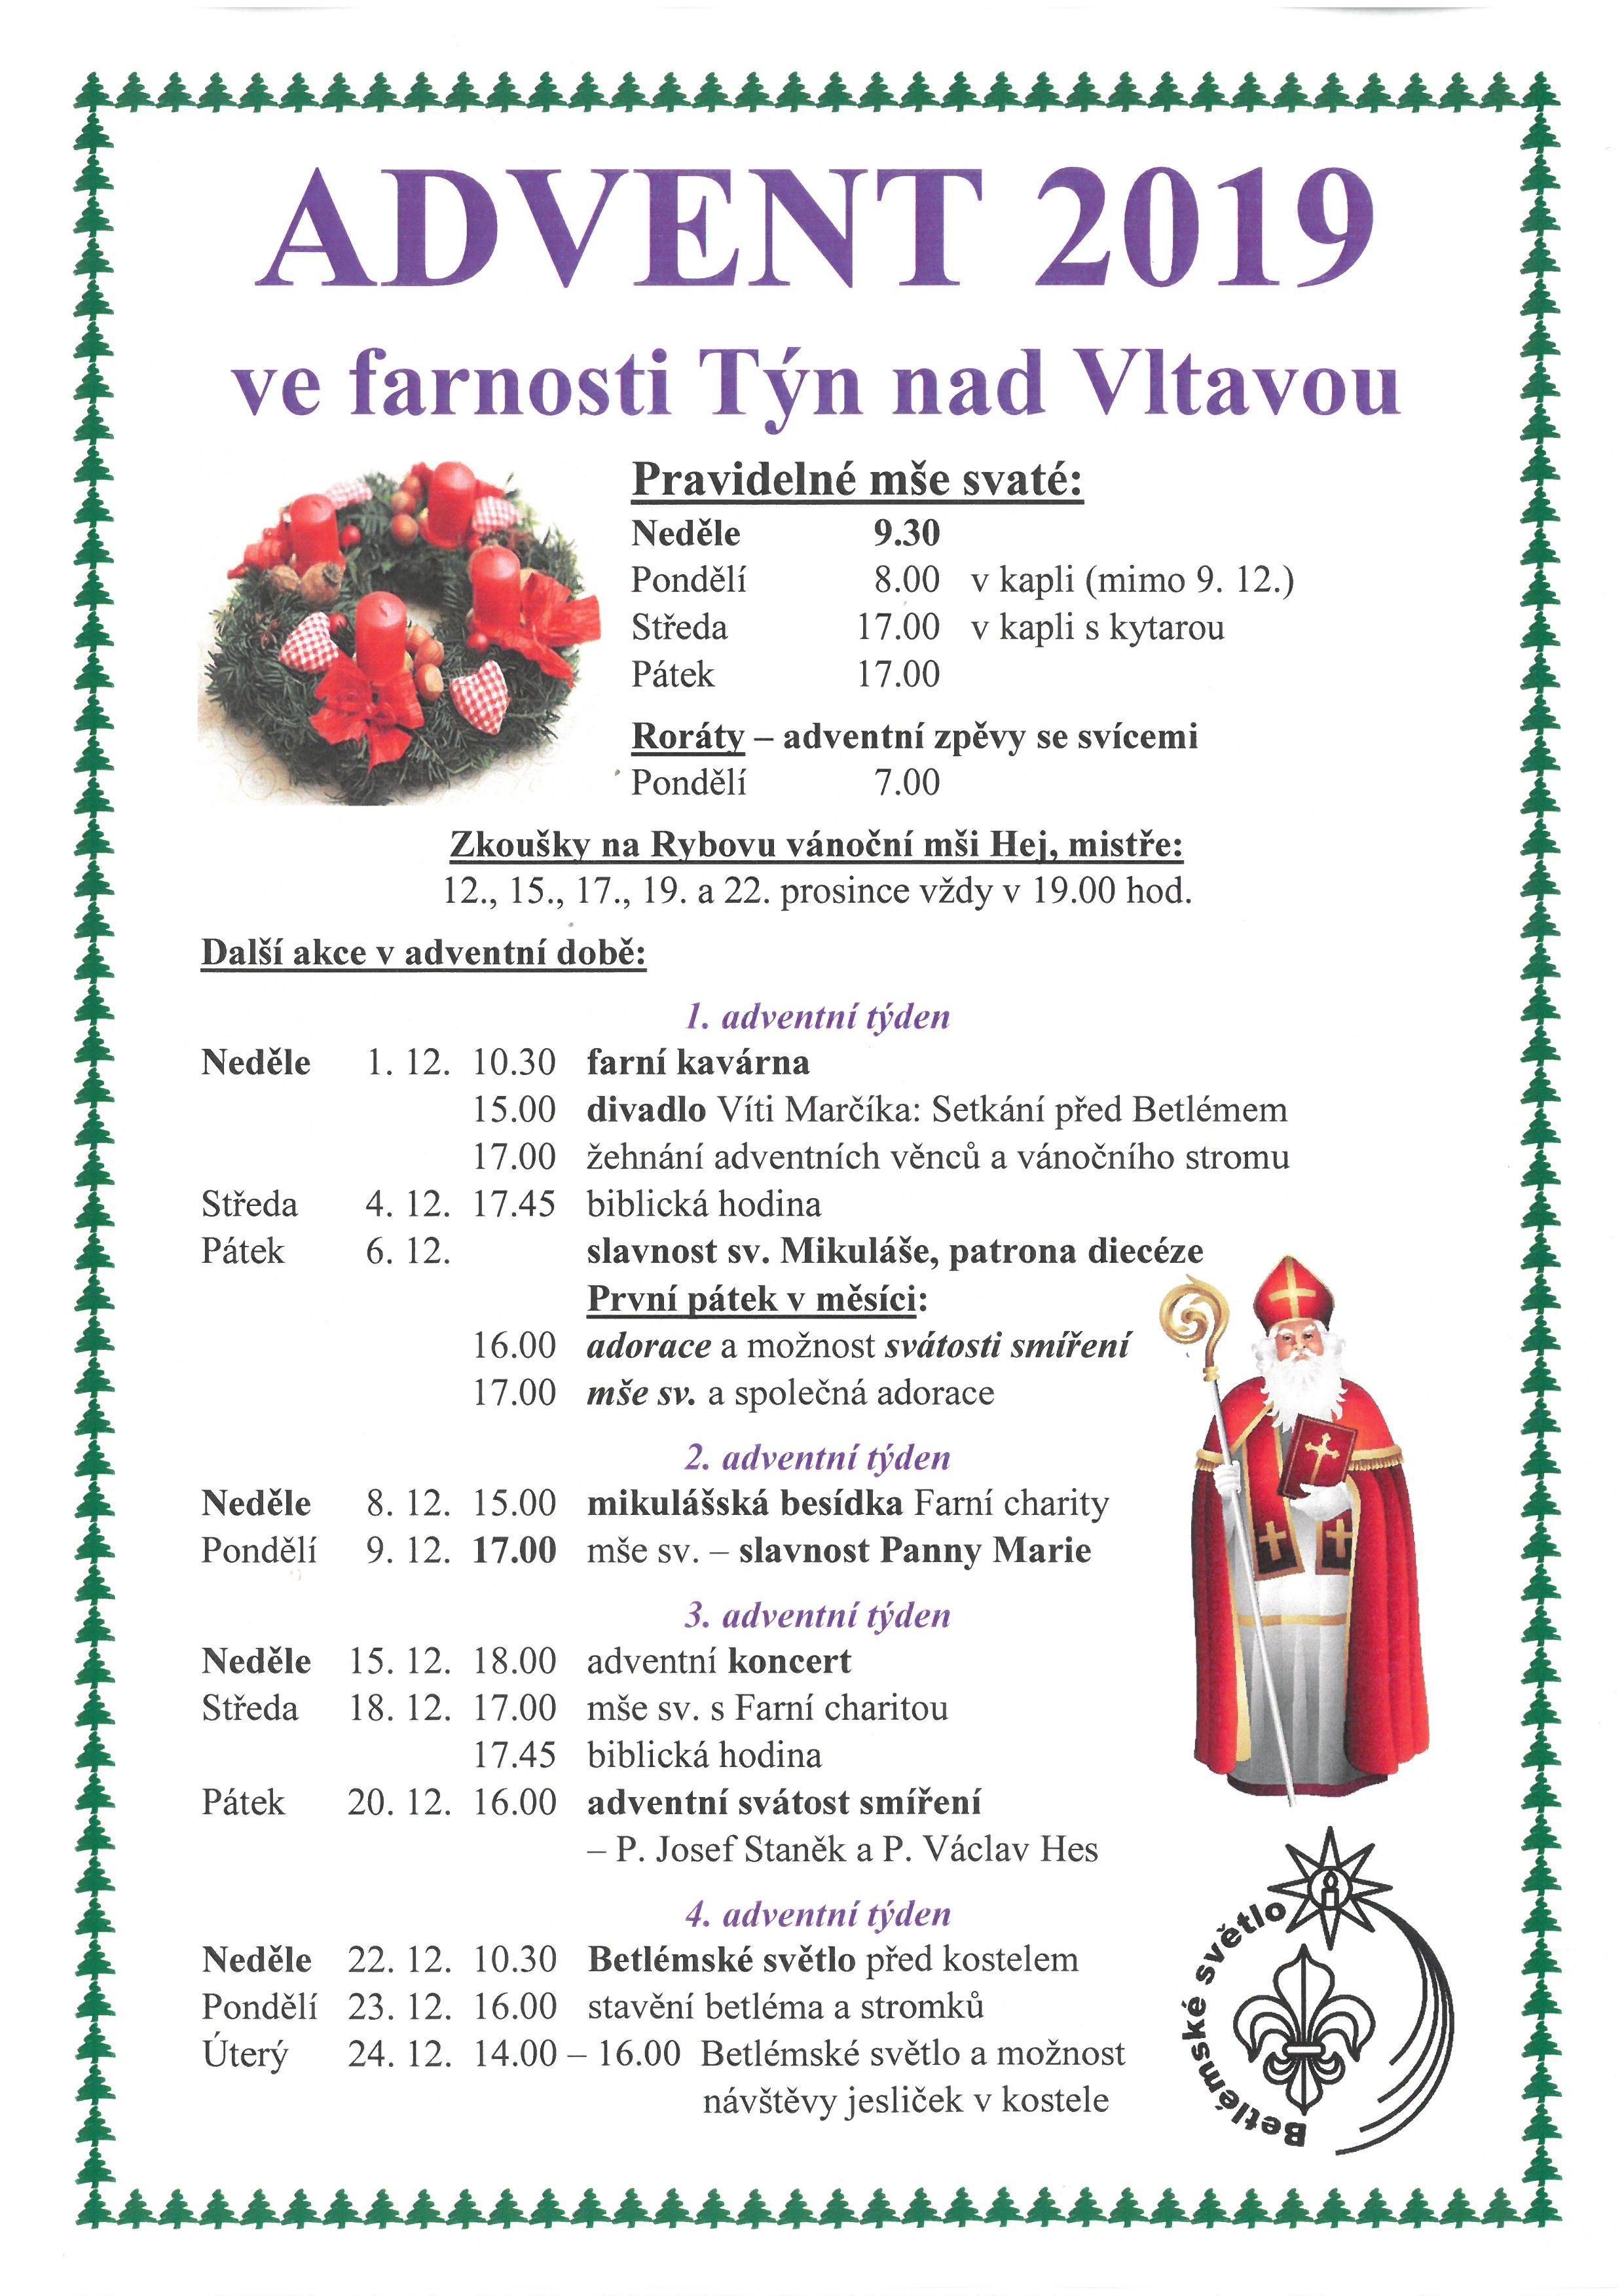 Advent 2019 ve farnosti Týn nad Vltavou